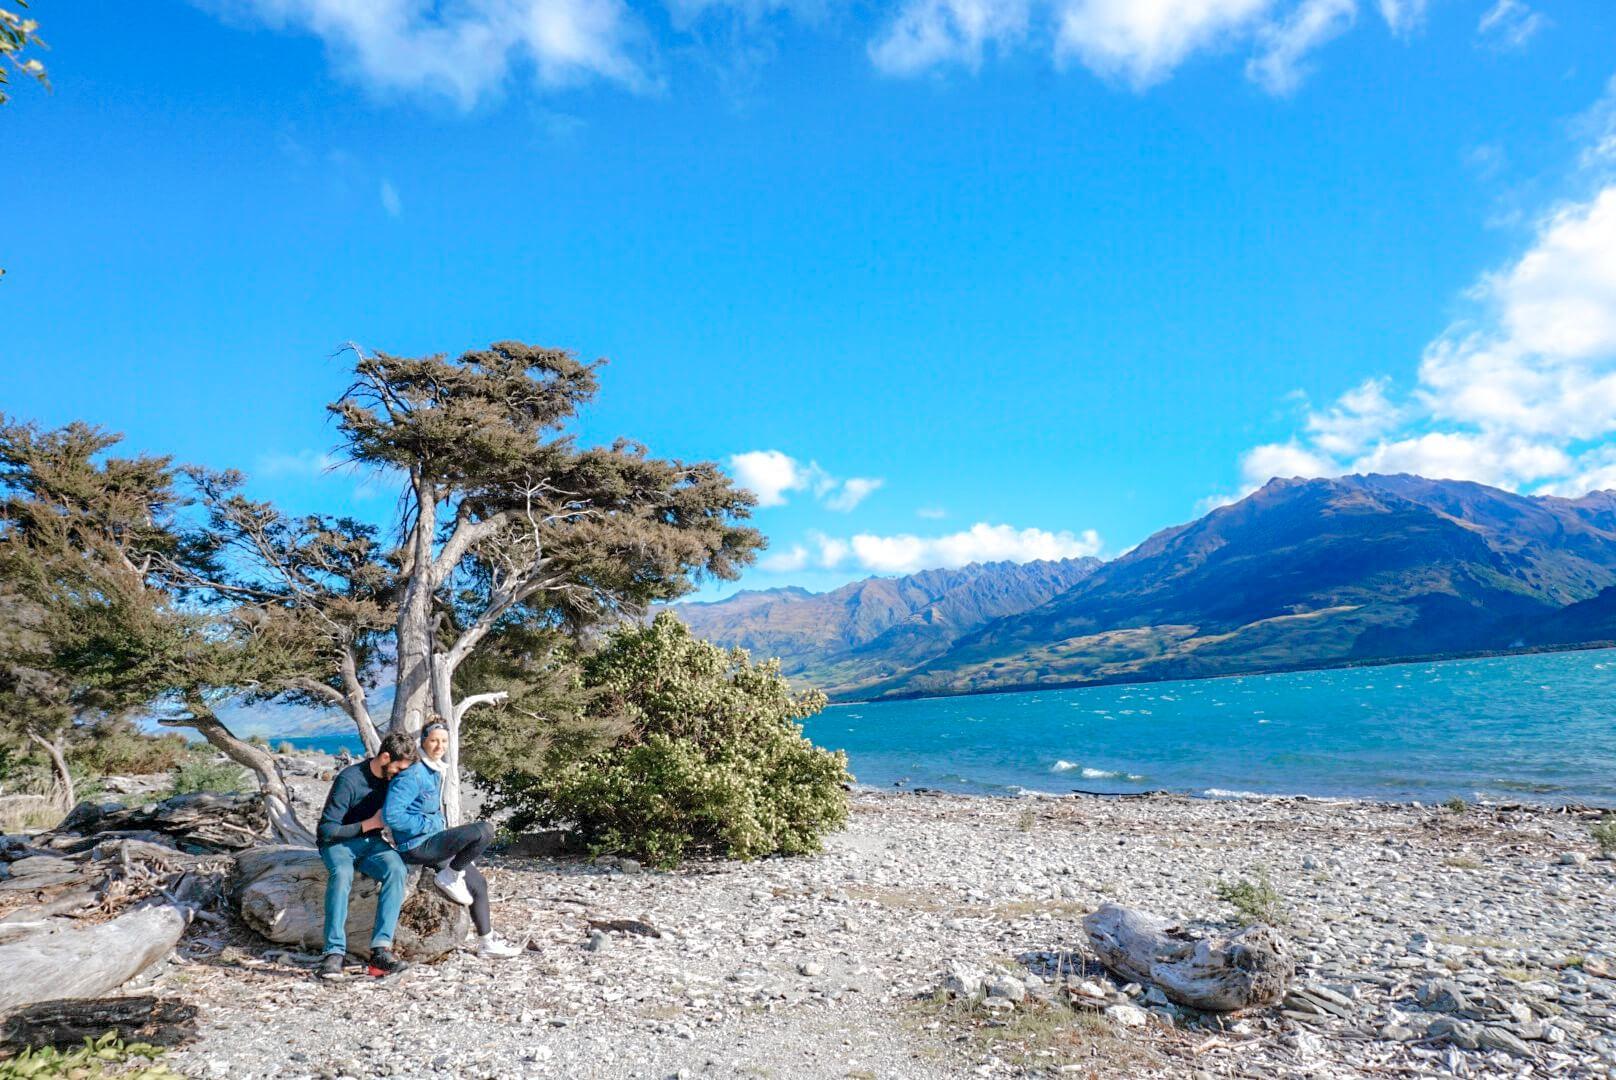 Camper sur le bord du lac de Wanaka